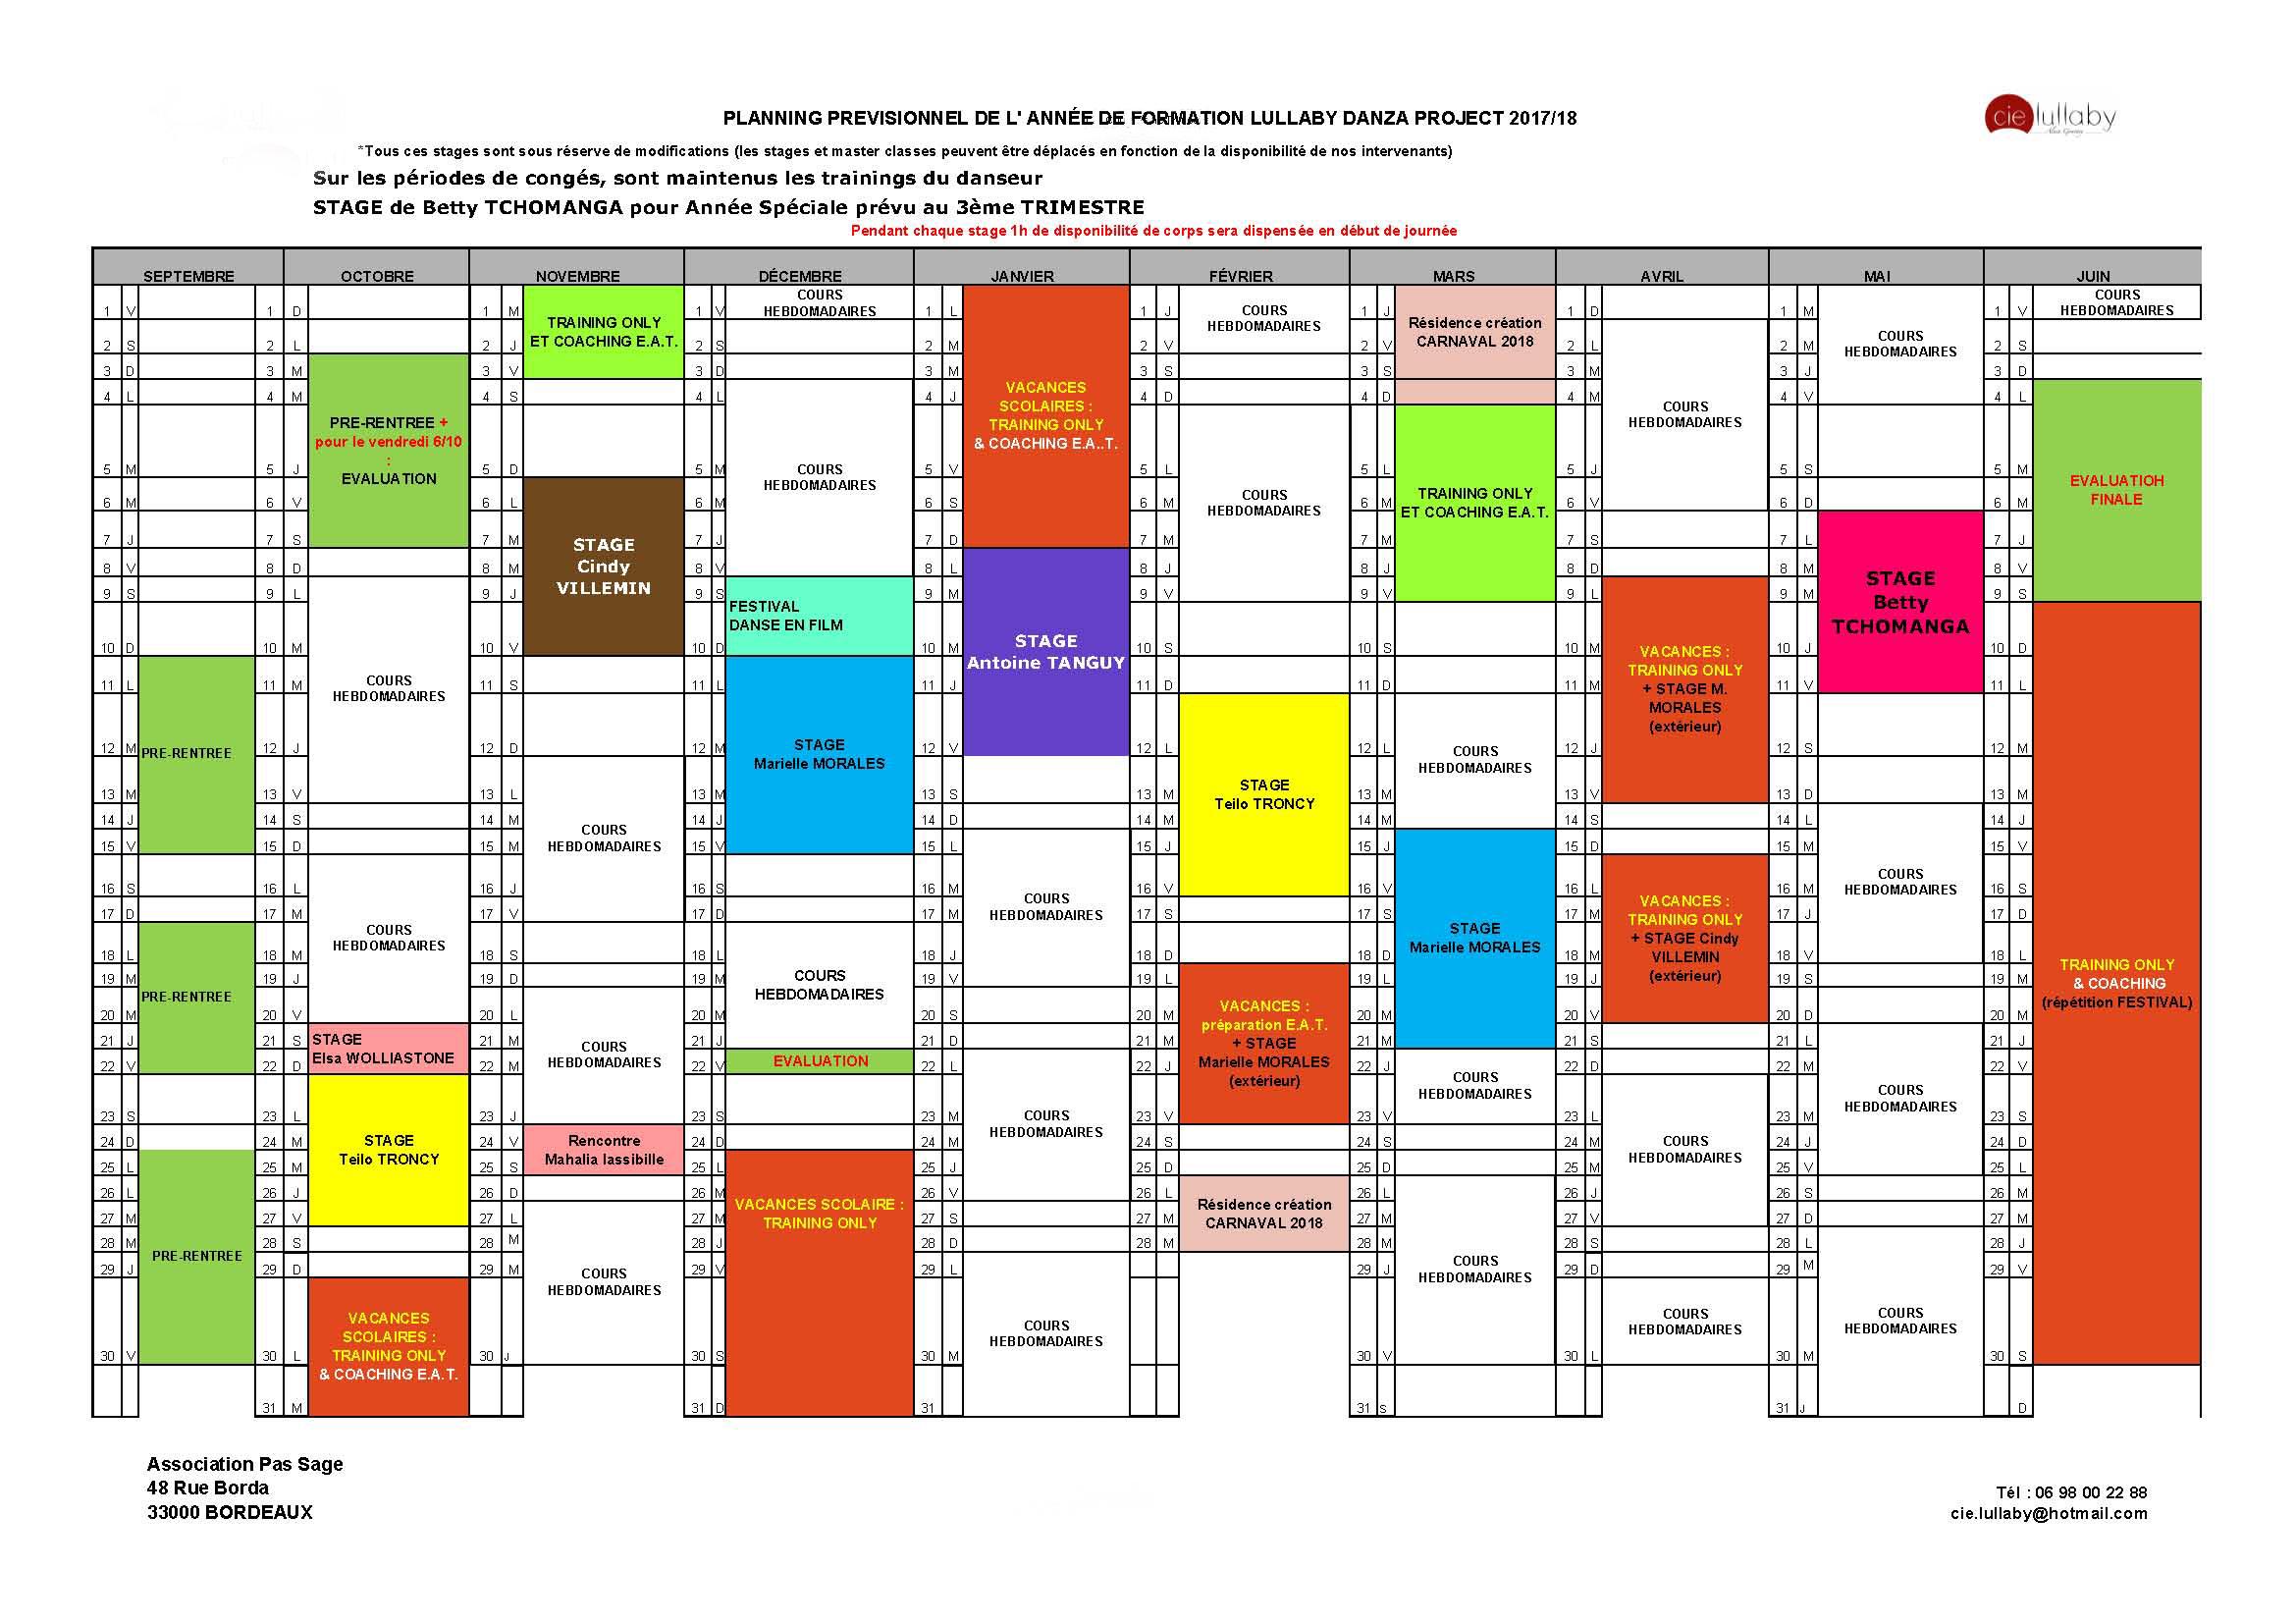 PLANNING annuel prévisionnel FP12 copie